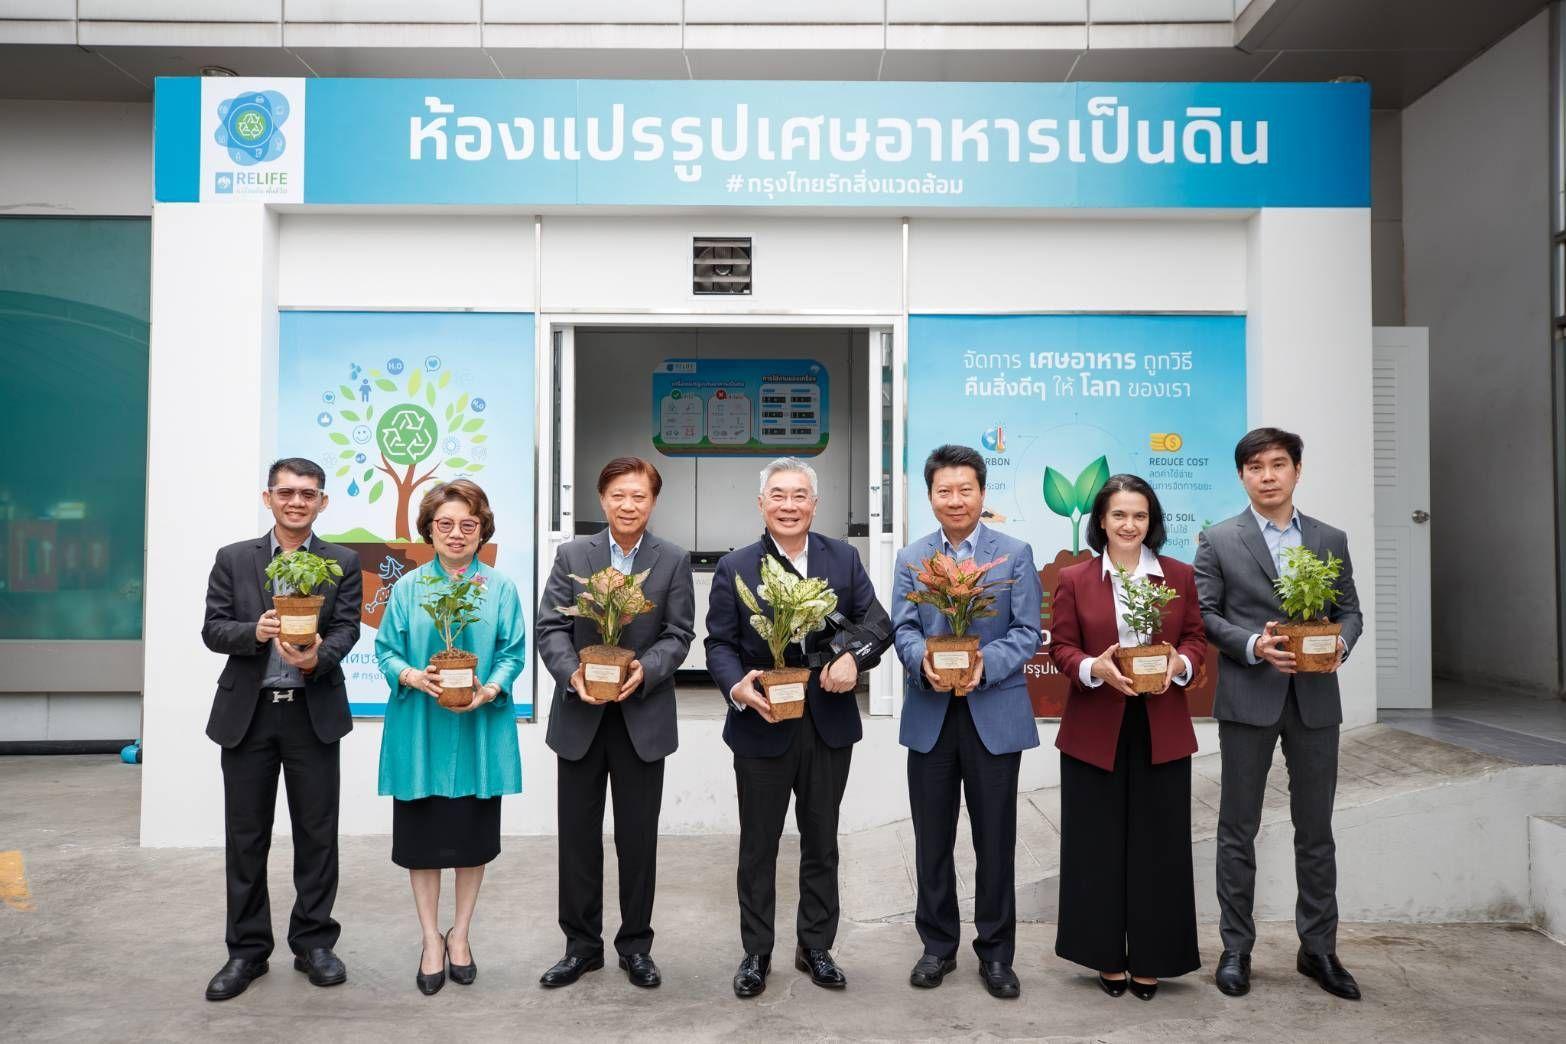 กรุงไทยนำนวัตกรรมเปลี่ยนเศษอาหารเป็นดินดี-ช่วยรักษาสิ่งแวดล้อม